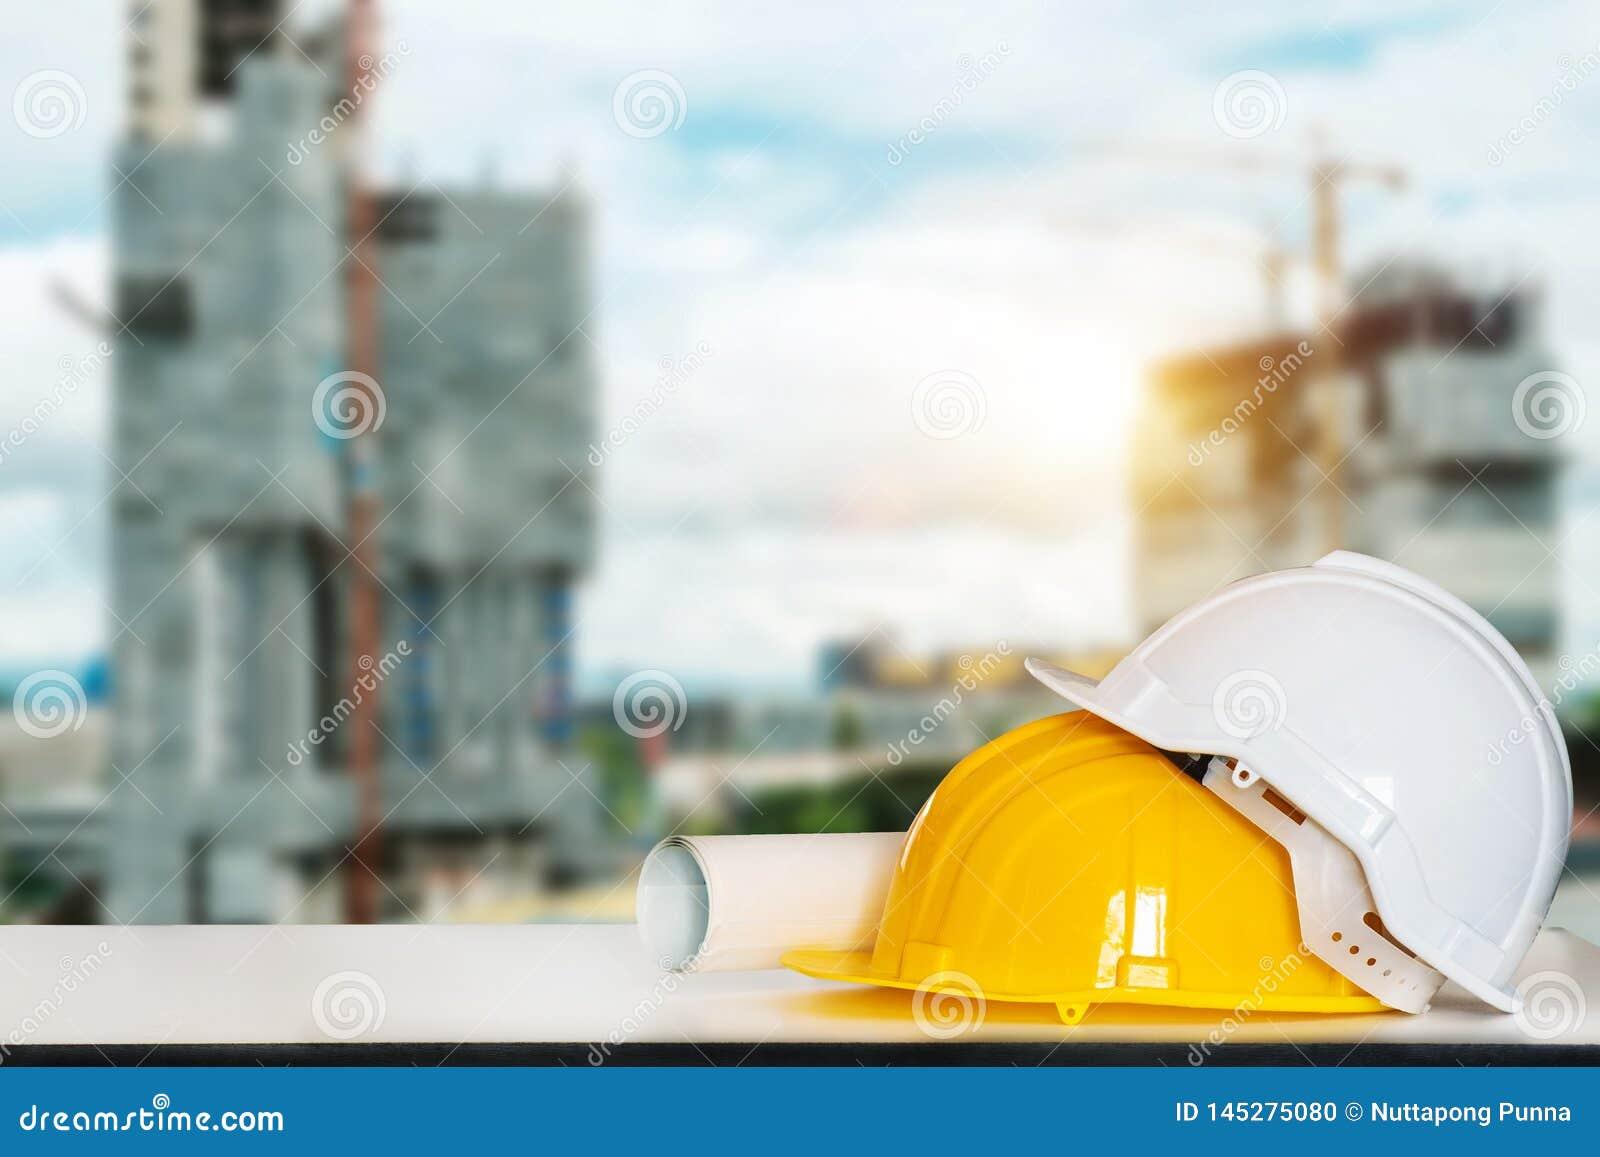 Dibujos para construir y el casco